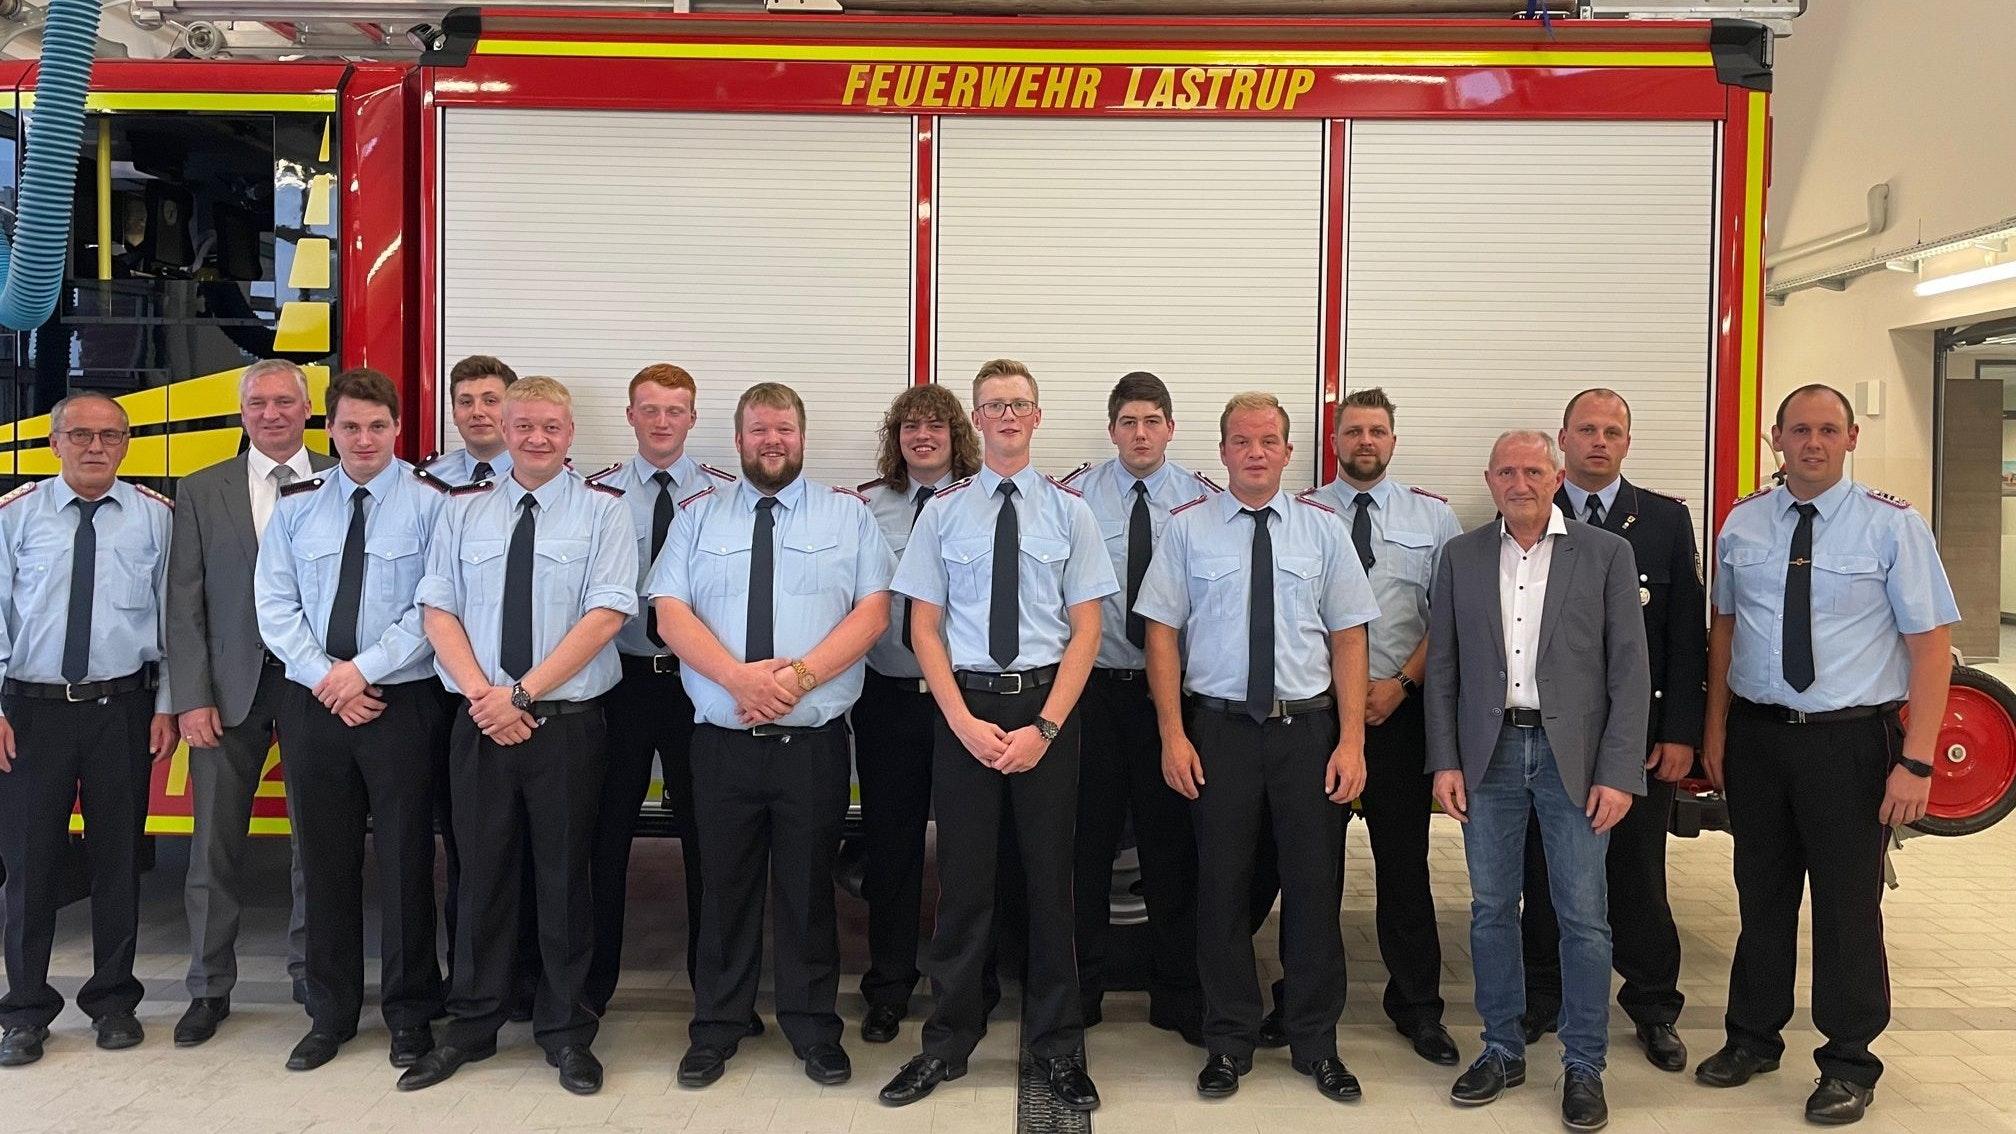 Verstärkung: 10 neue Feuerwehrleute gehen künftig in die Einsätze. Foto: Freiwillige Feuerwehr Lastrup